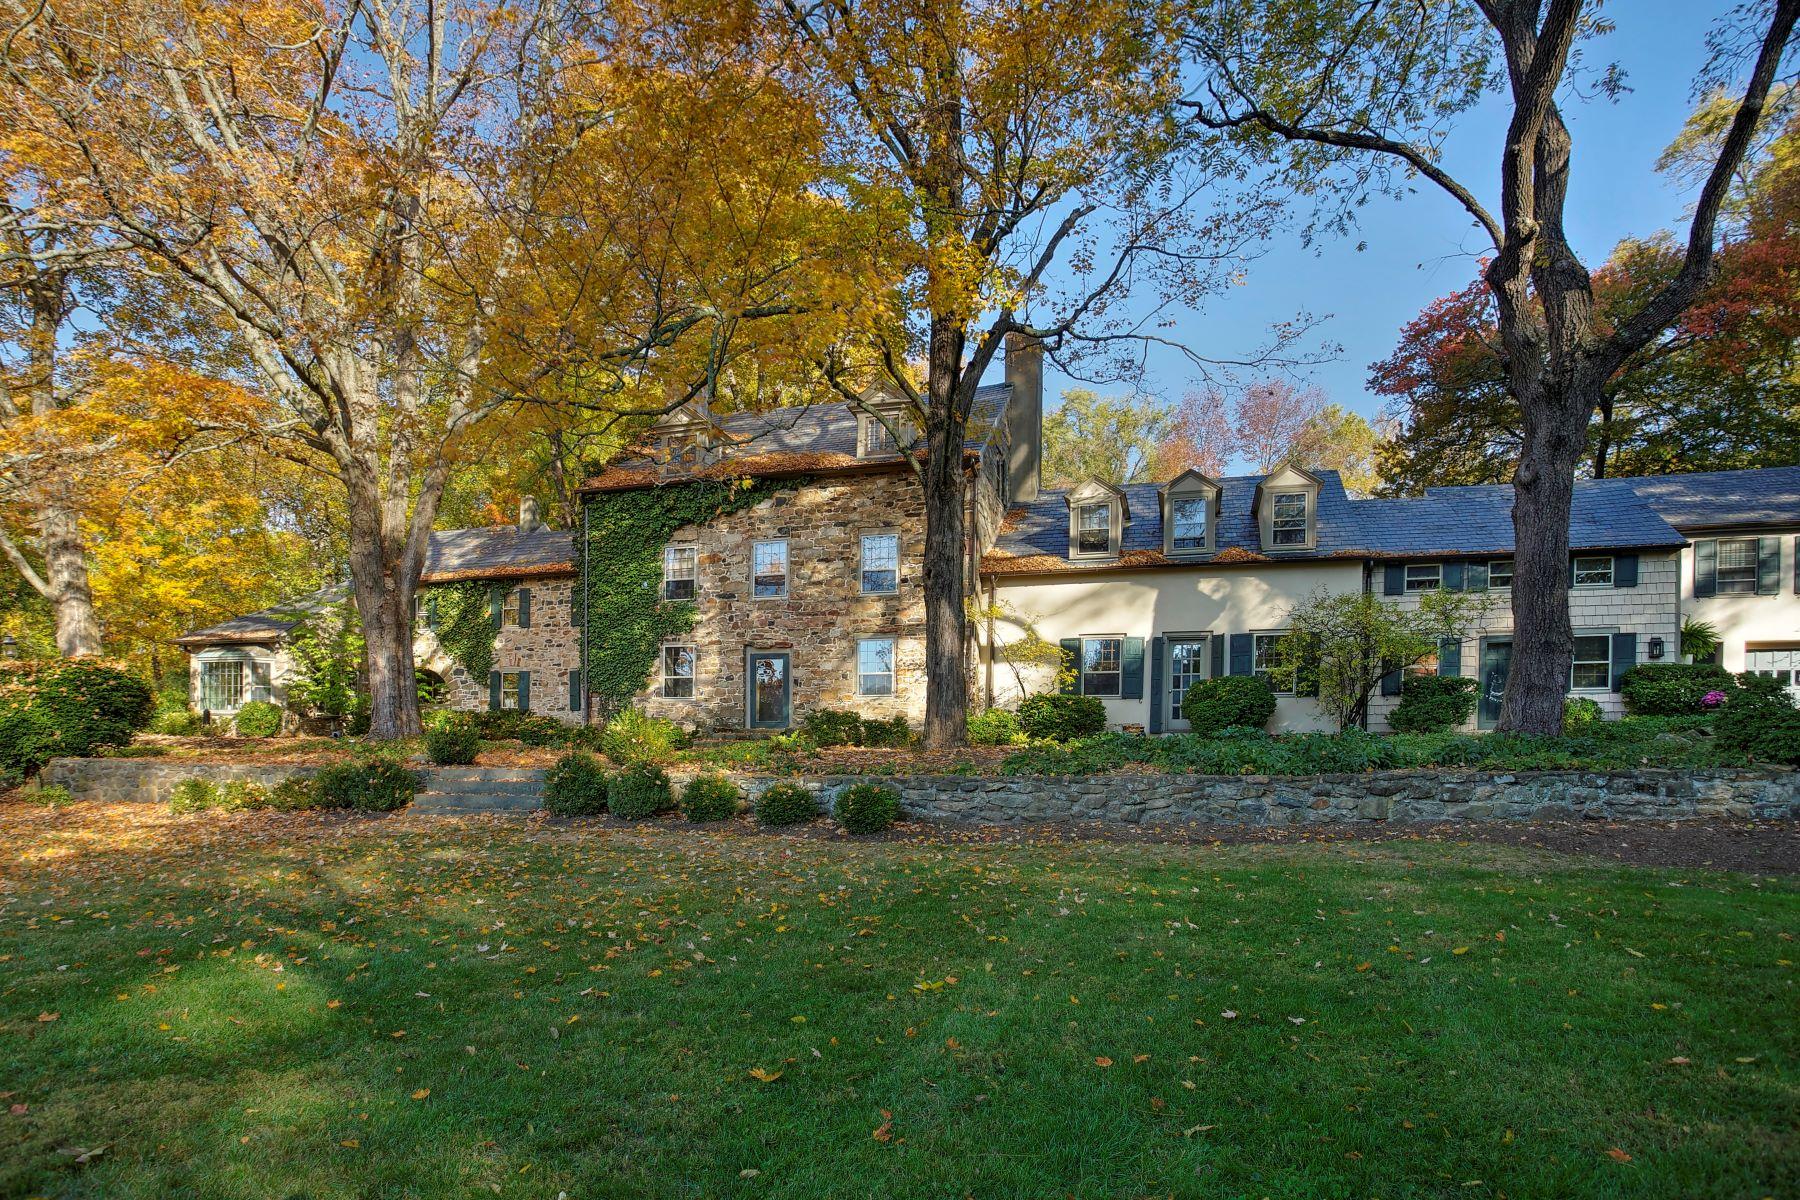 独户住宅 为 销售 在 Share the Heritage 6 Stone House Road Mendham Township, 新泽西州, 07945 美国